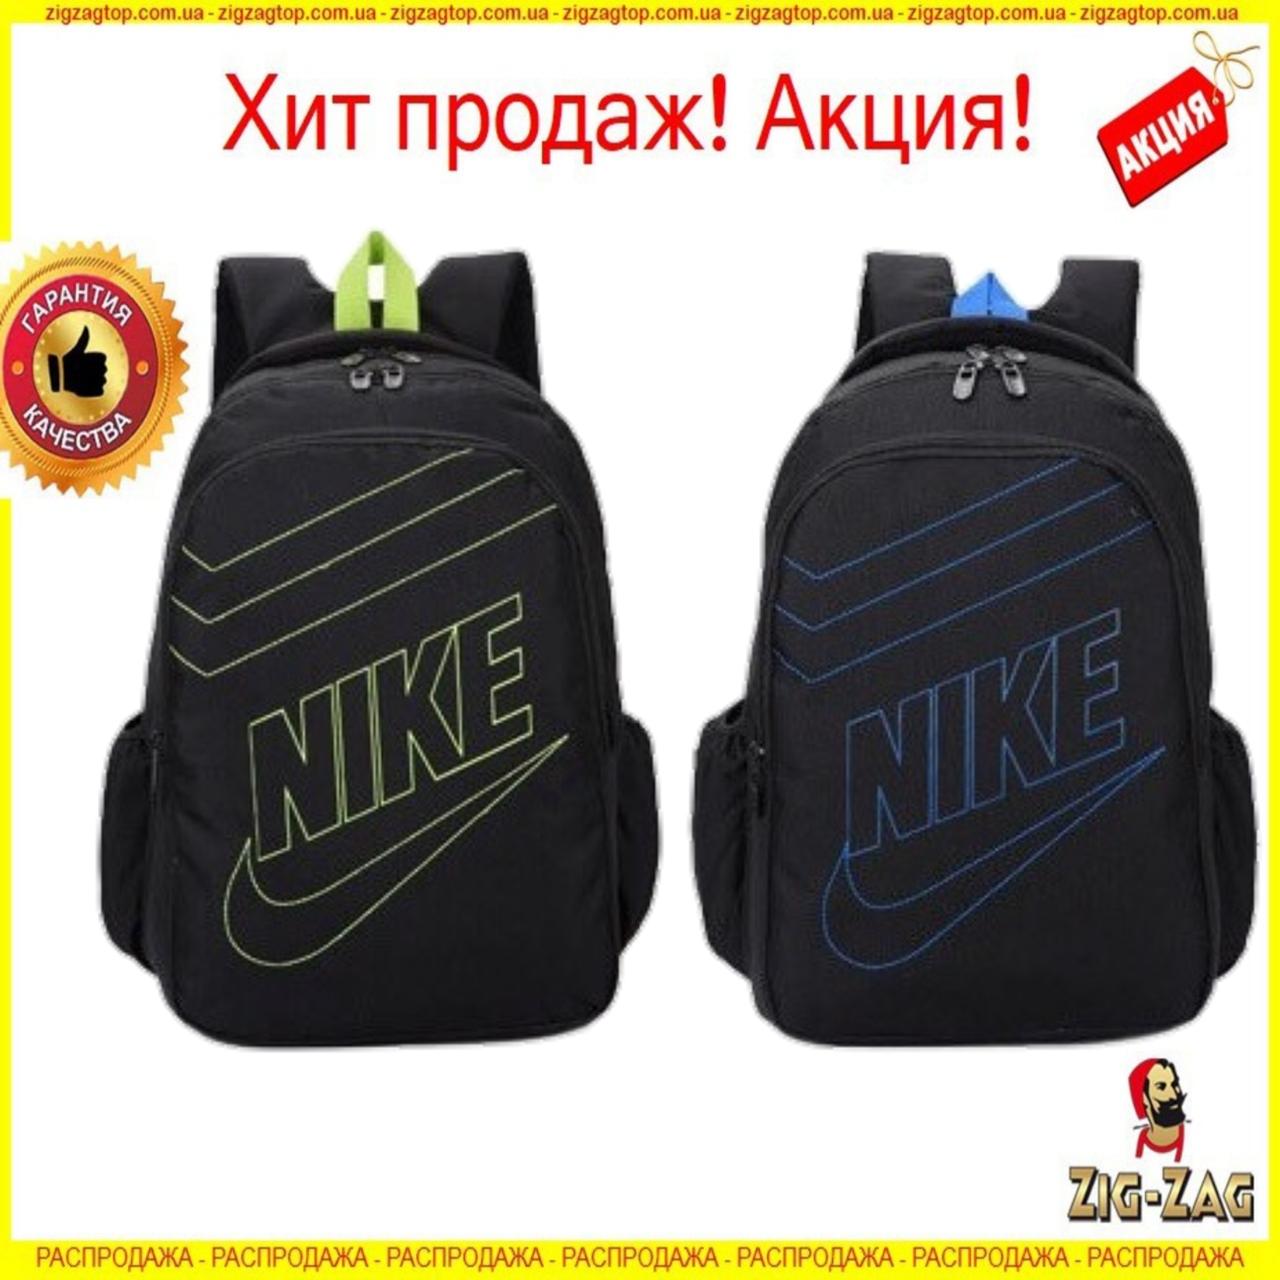 Универсальный Рюкзак городской Nike Line Молодежный с Разными отделениями Порфель 100% КАЧЕСТВО